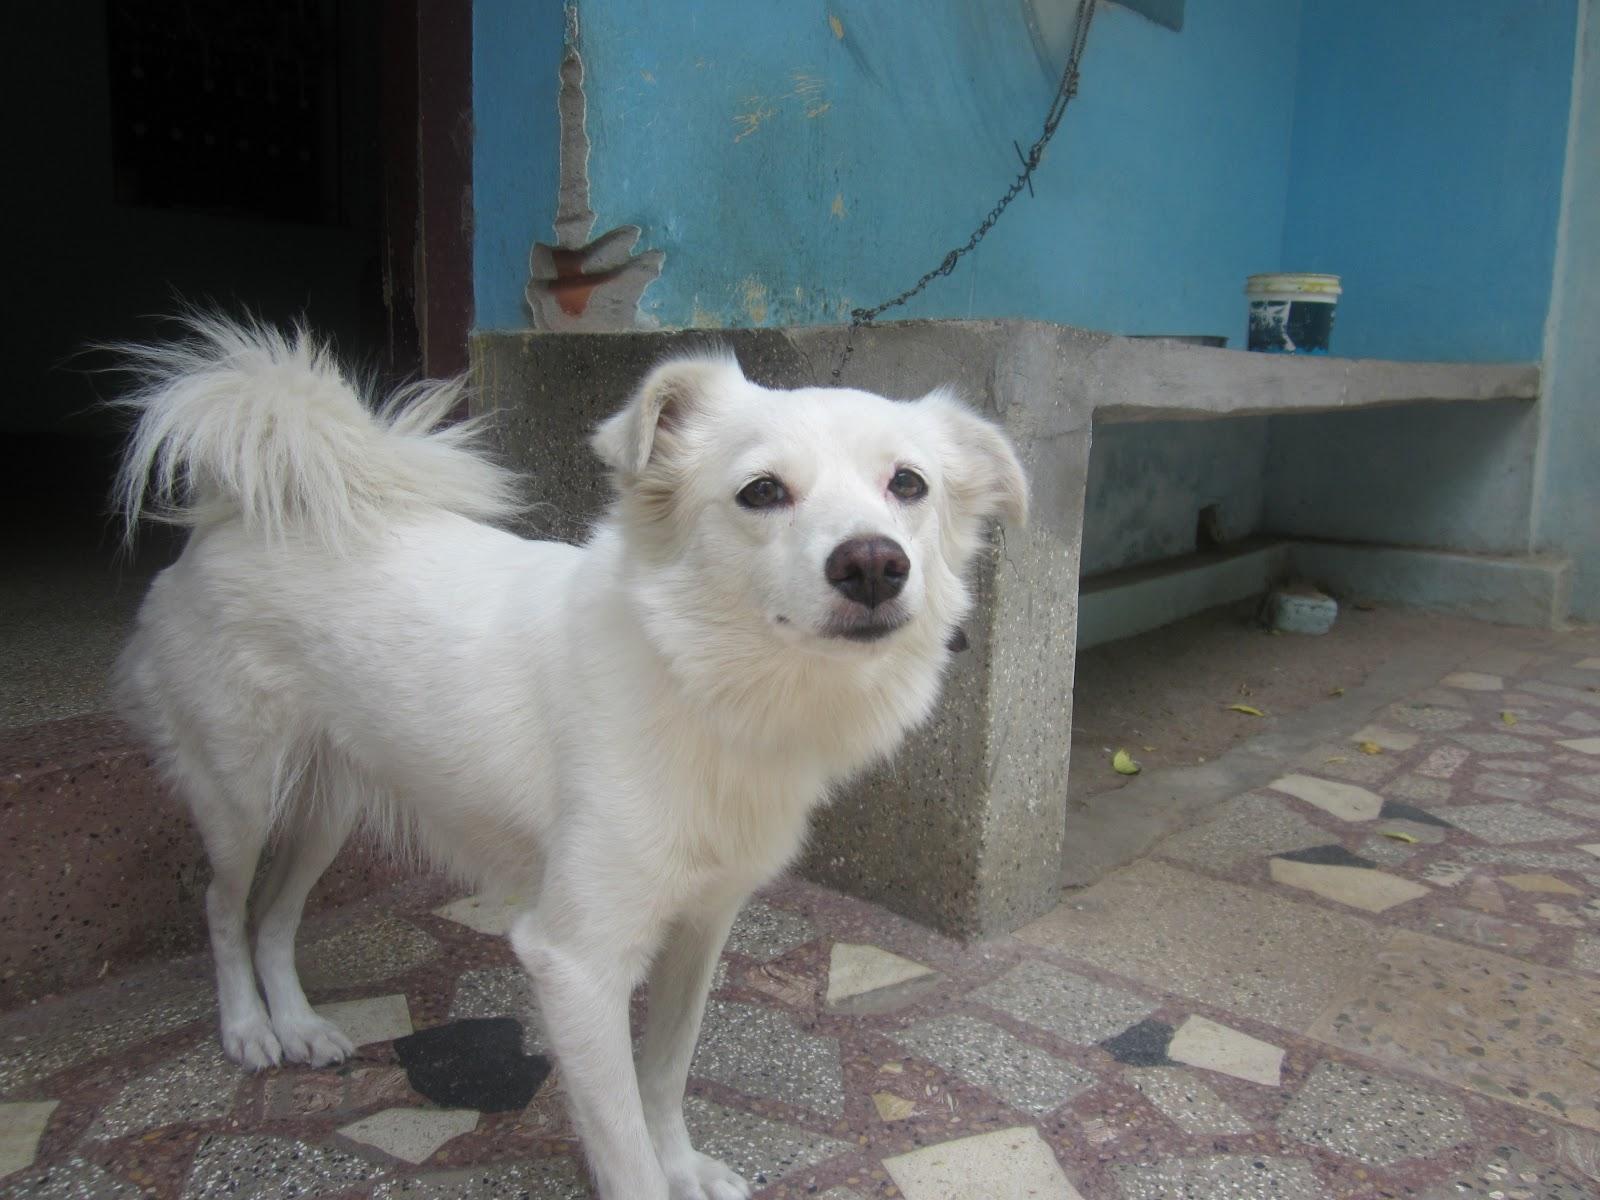 Thina images indian dog rosi indian dog rosi voltagebd Choice Image